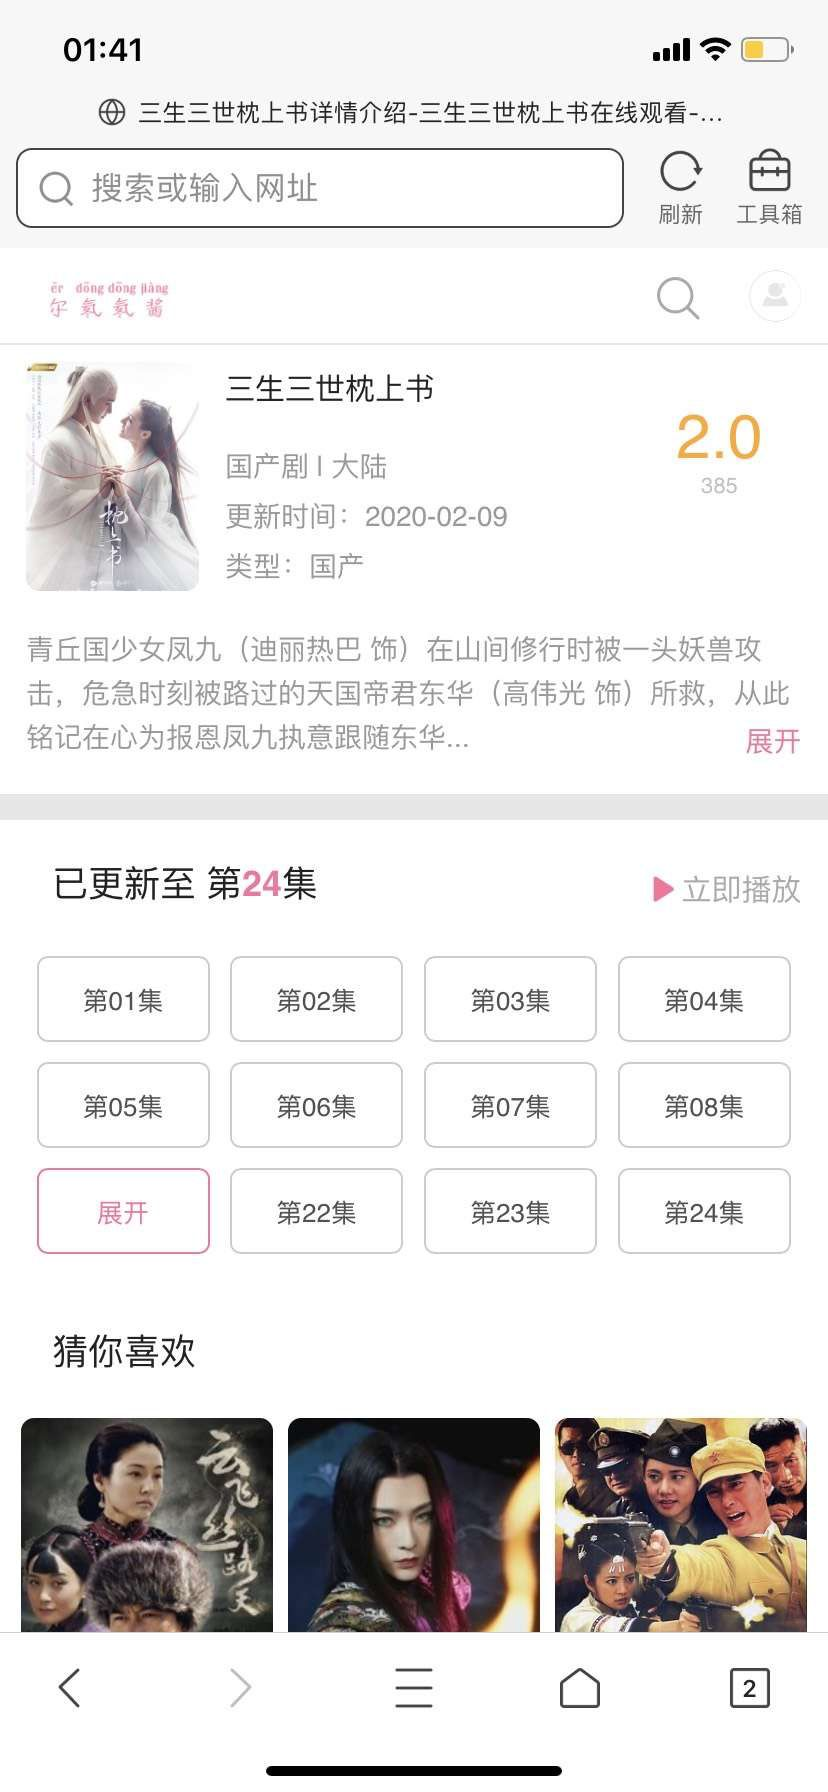 东京一只喵(仿B站PC端和移动端主题)仿B站漫画网站源码,苹果CMS主题模板完整修复版